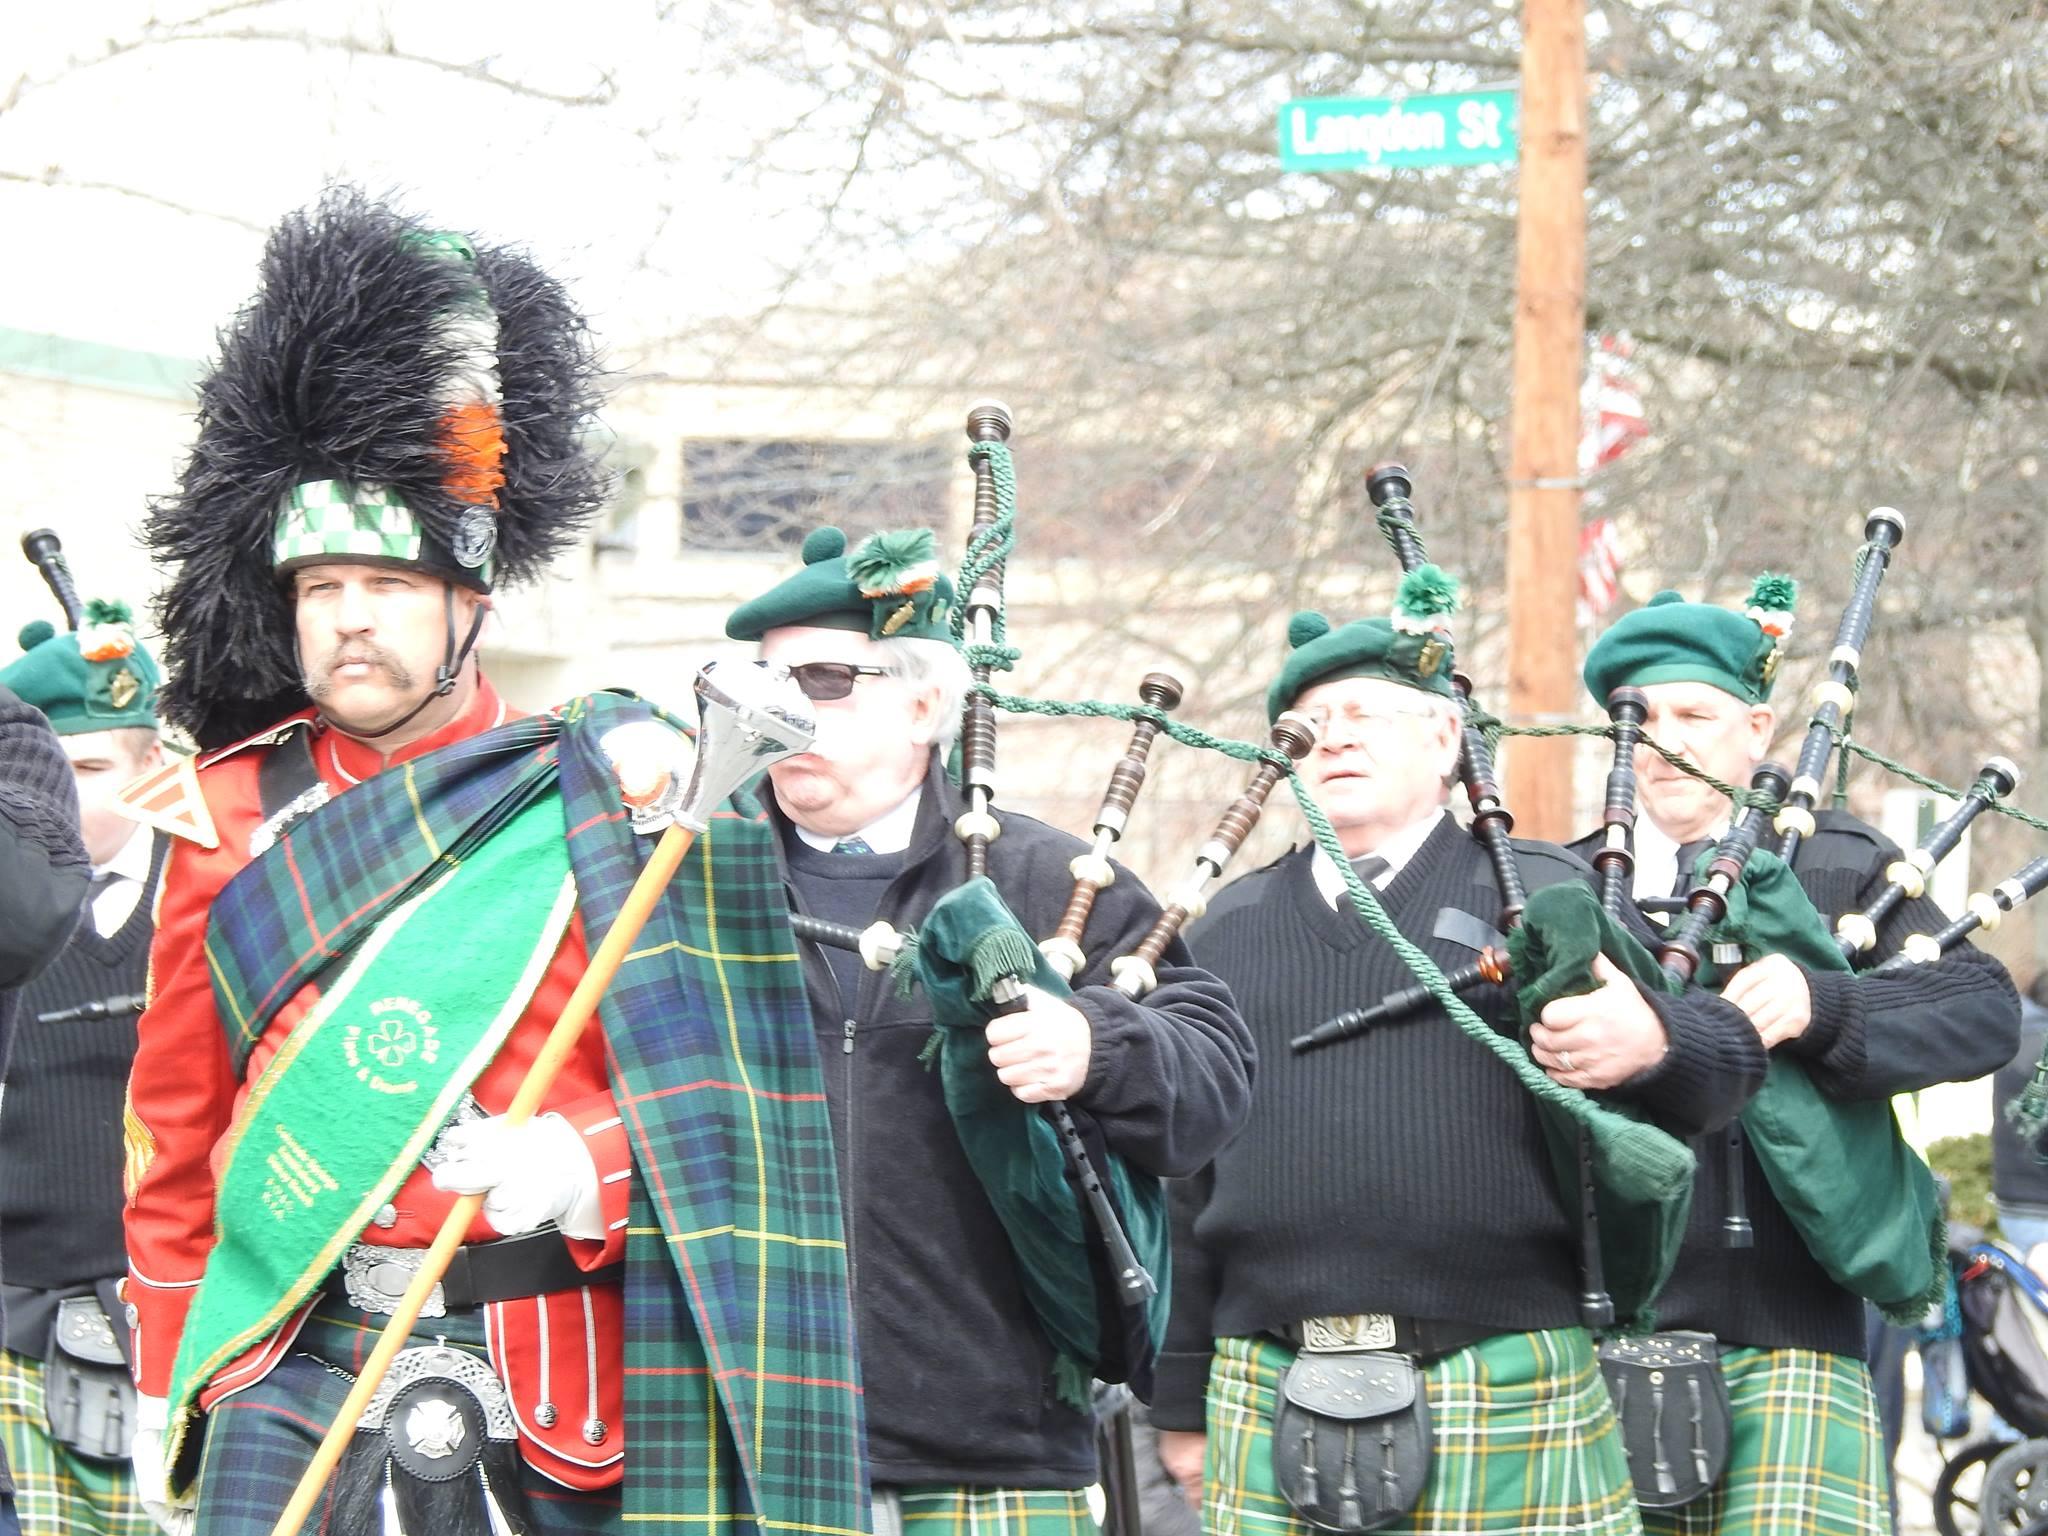 Parades celebrate Irish heritage on South, Northwest sides